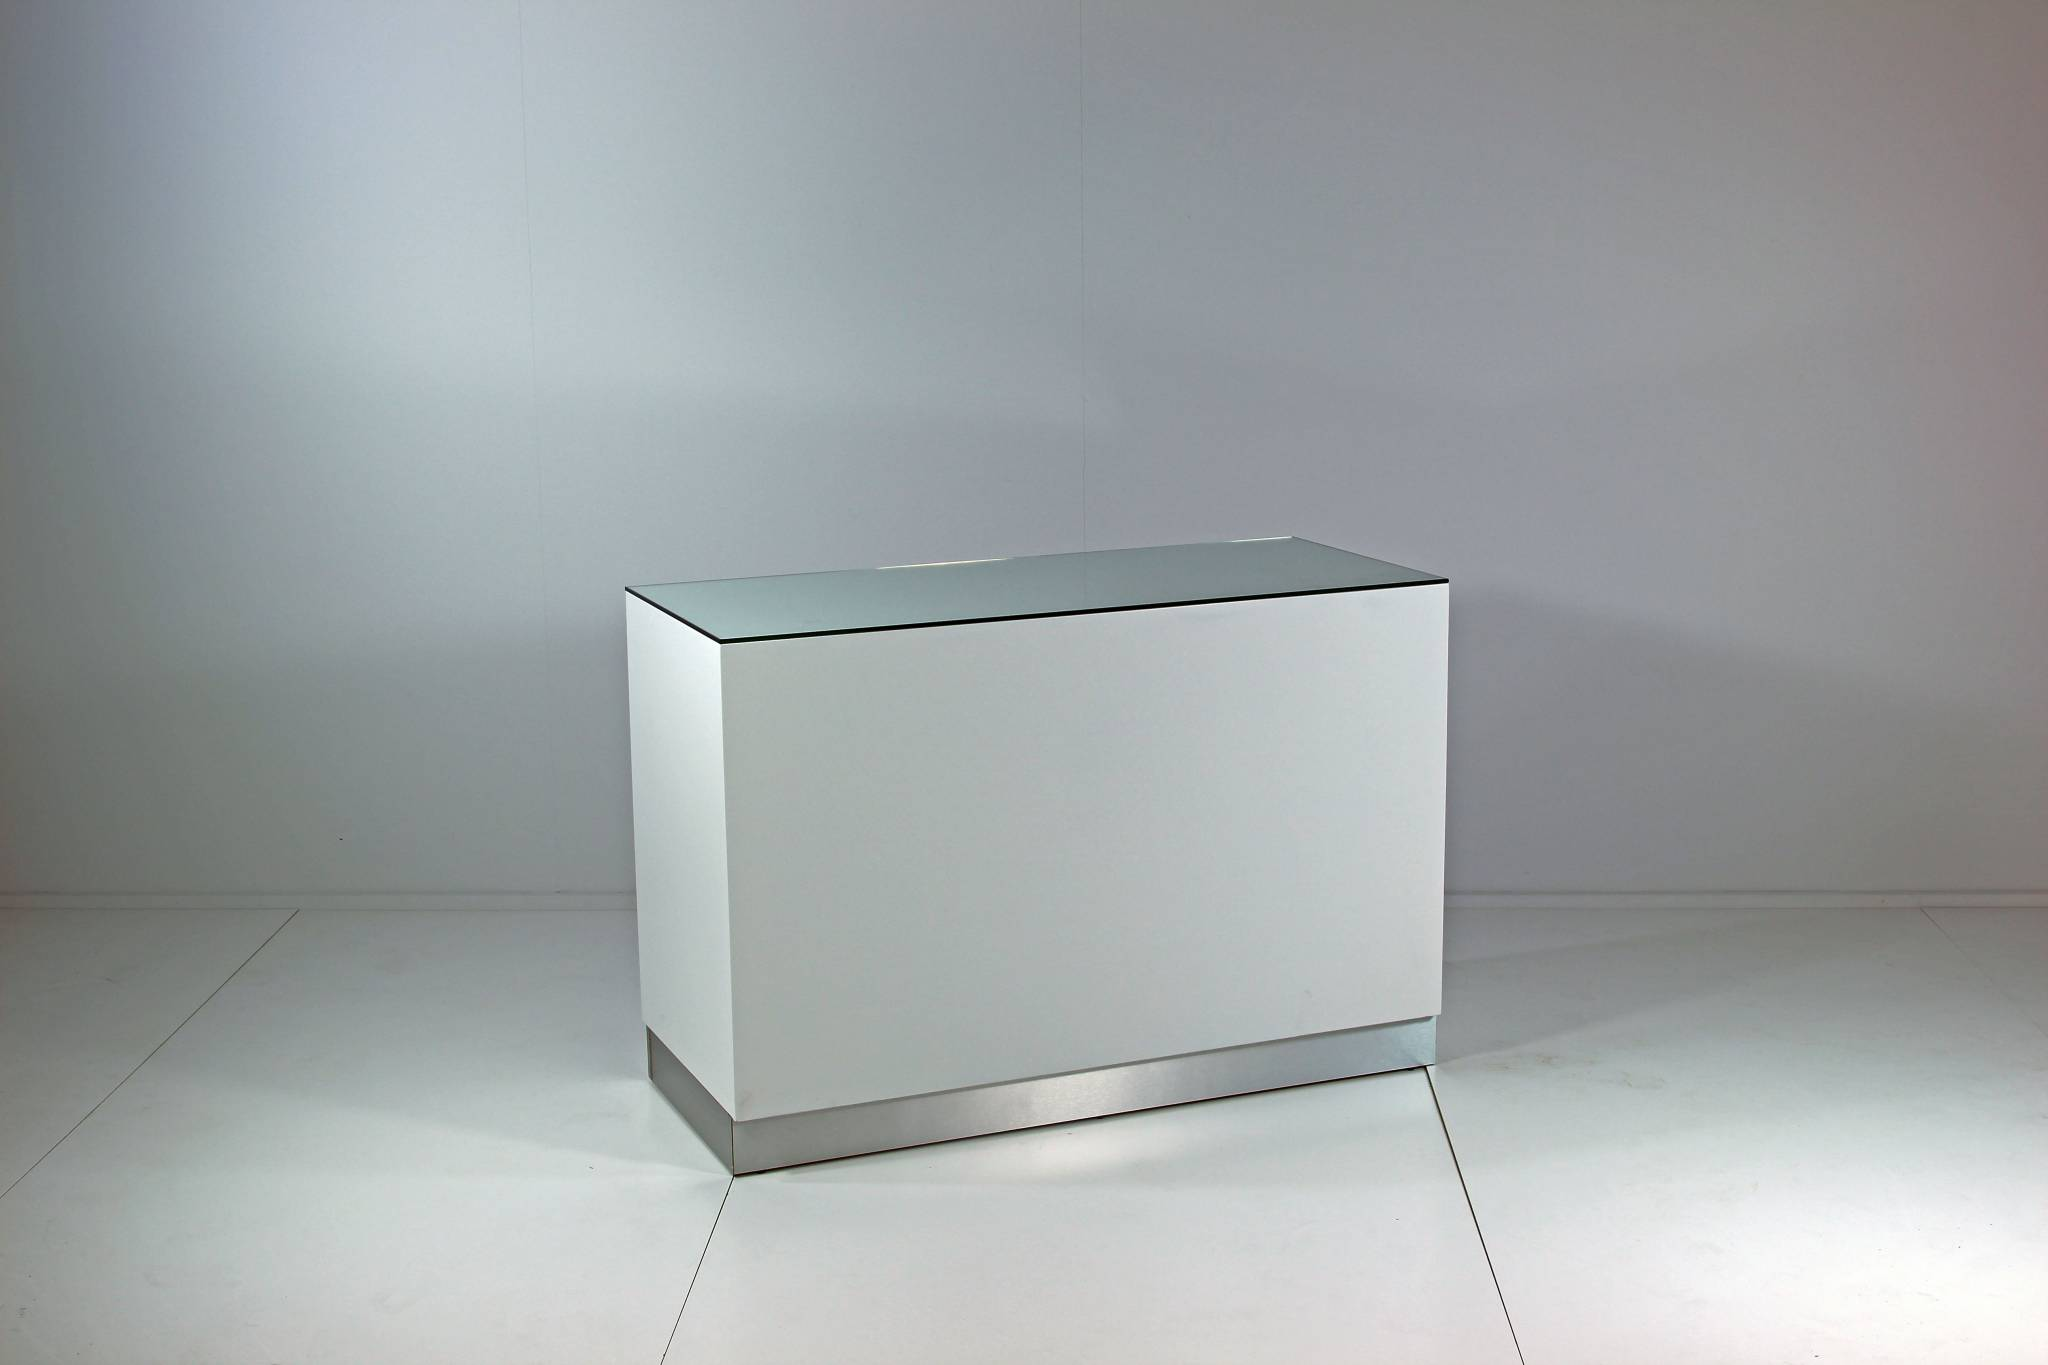 Billig butiksdisk 136 cm. bred med 5 rum og 1 skuffe. Kan leveres i alle farver.